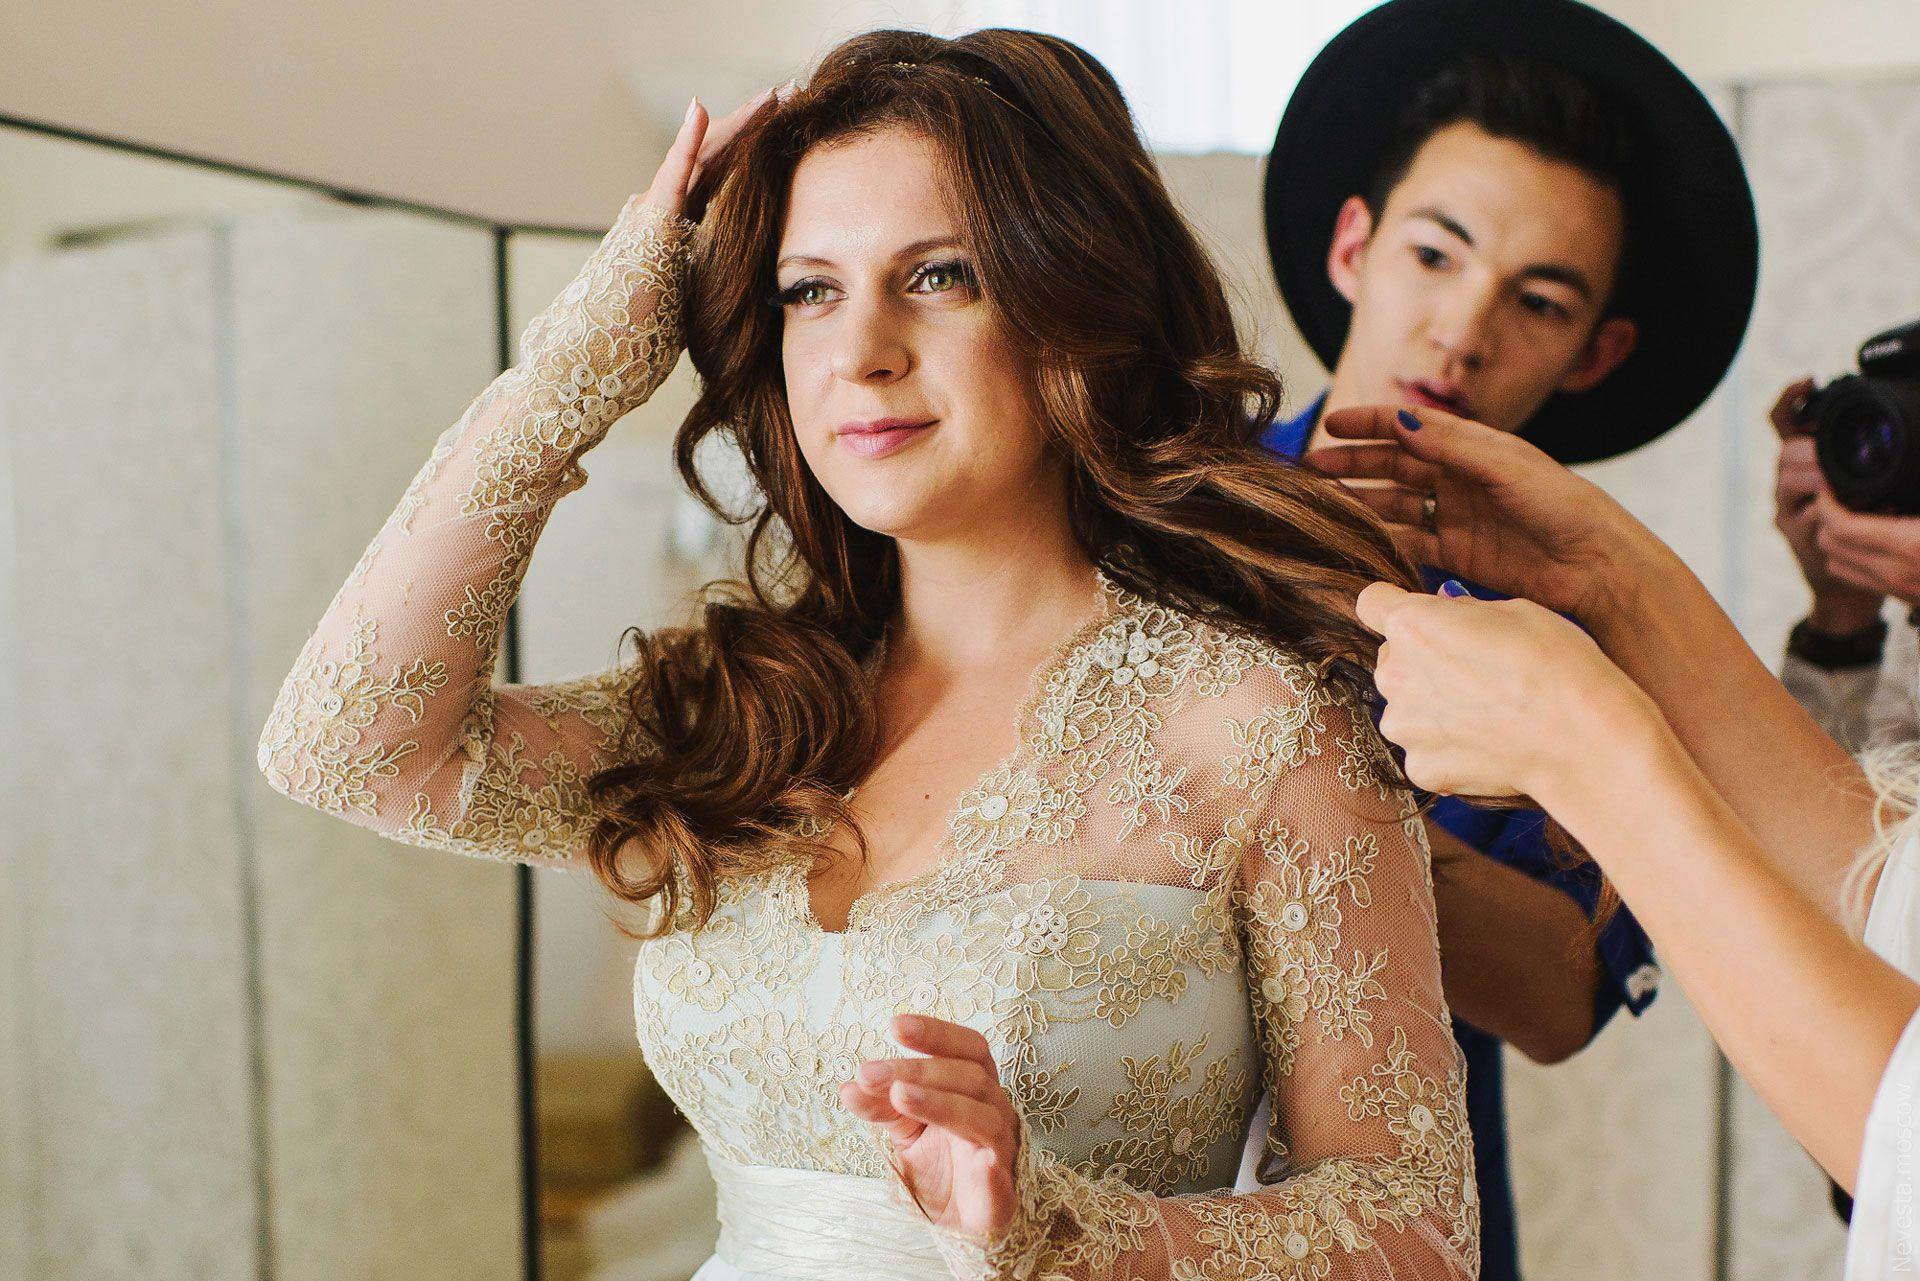 Анастасия Денисова примеряет свадебное платье фото 5